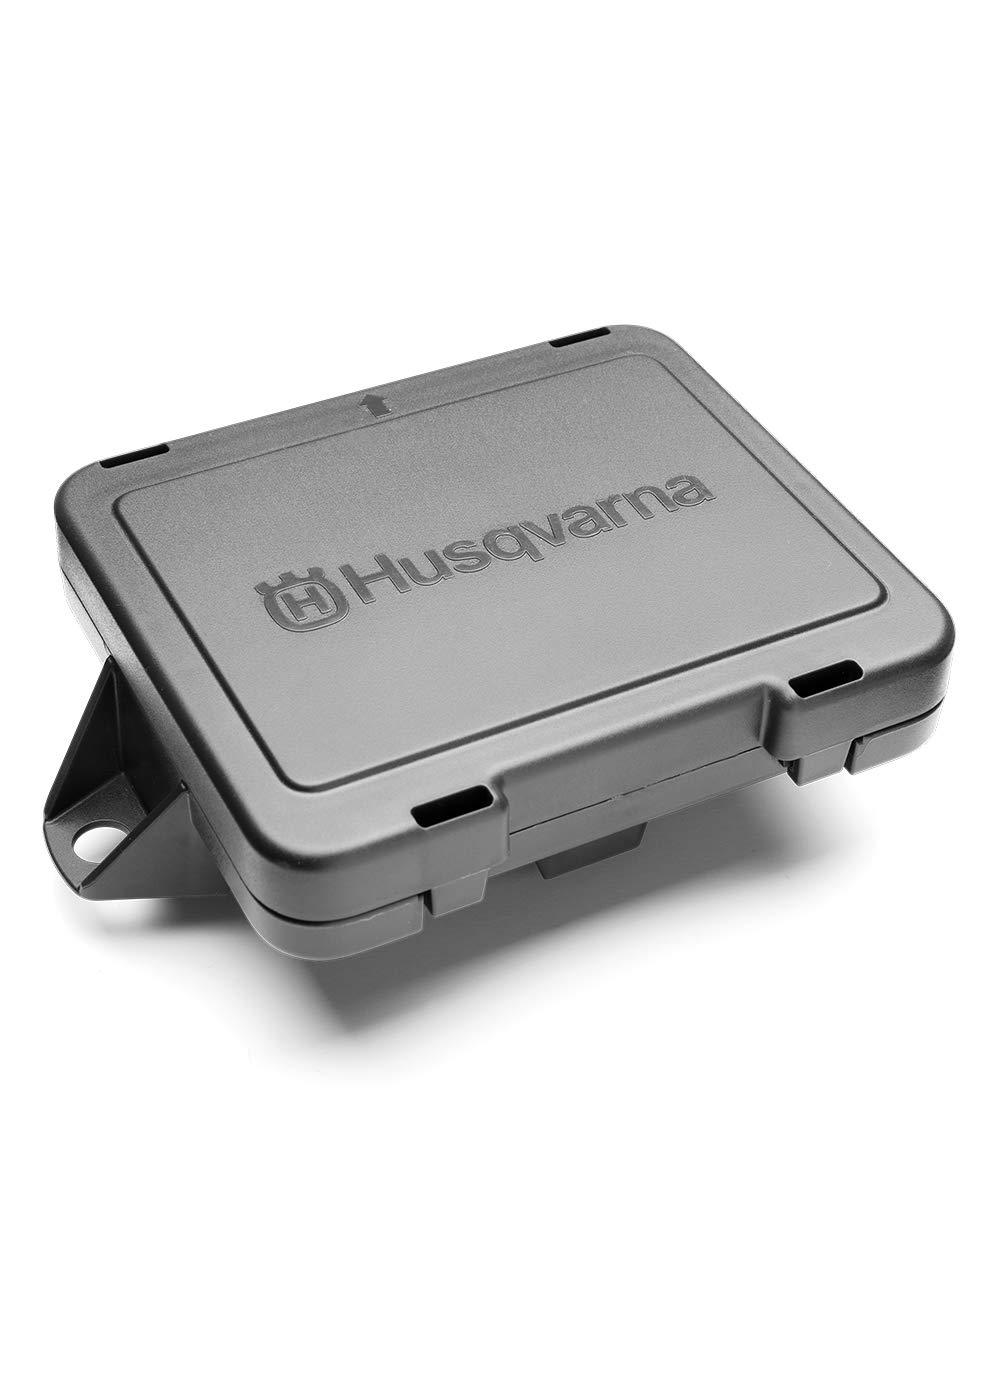 Husqvarna - Caja de protección para Cables de Robot ...